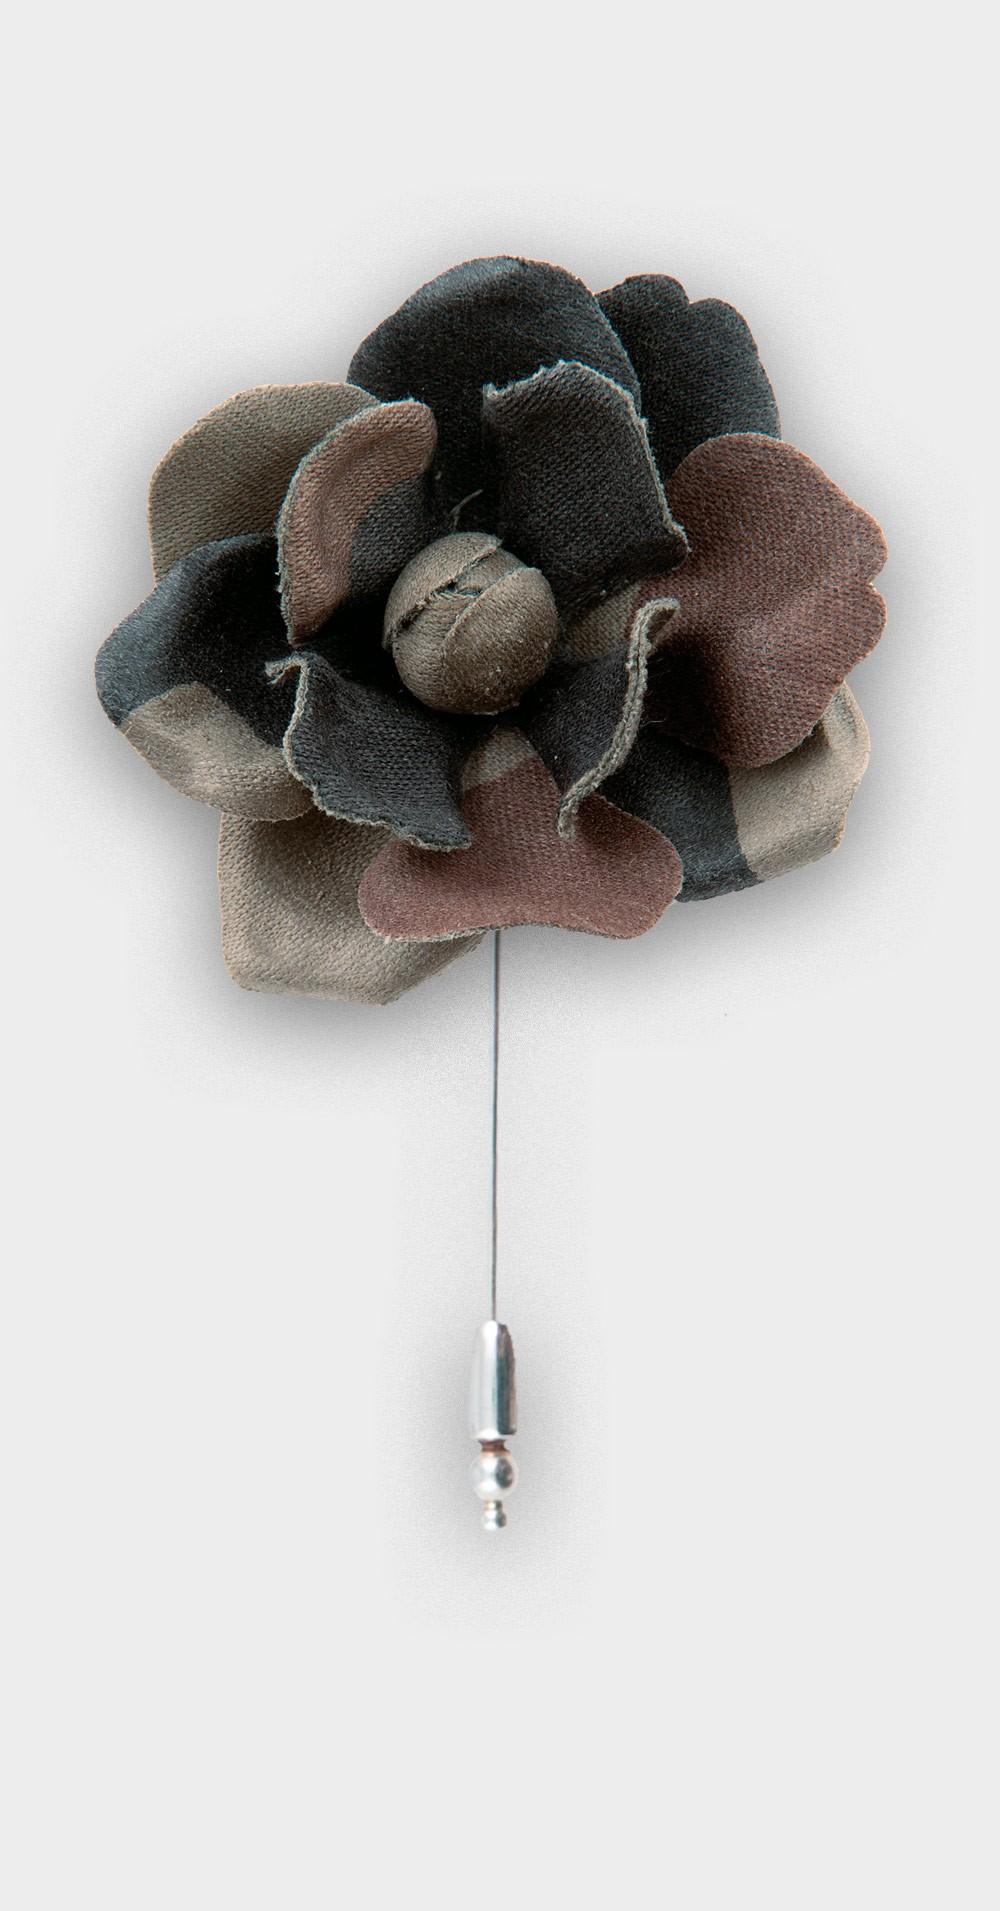 boutonnière S camouflage - coton vintage - cinabre paris